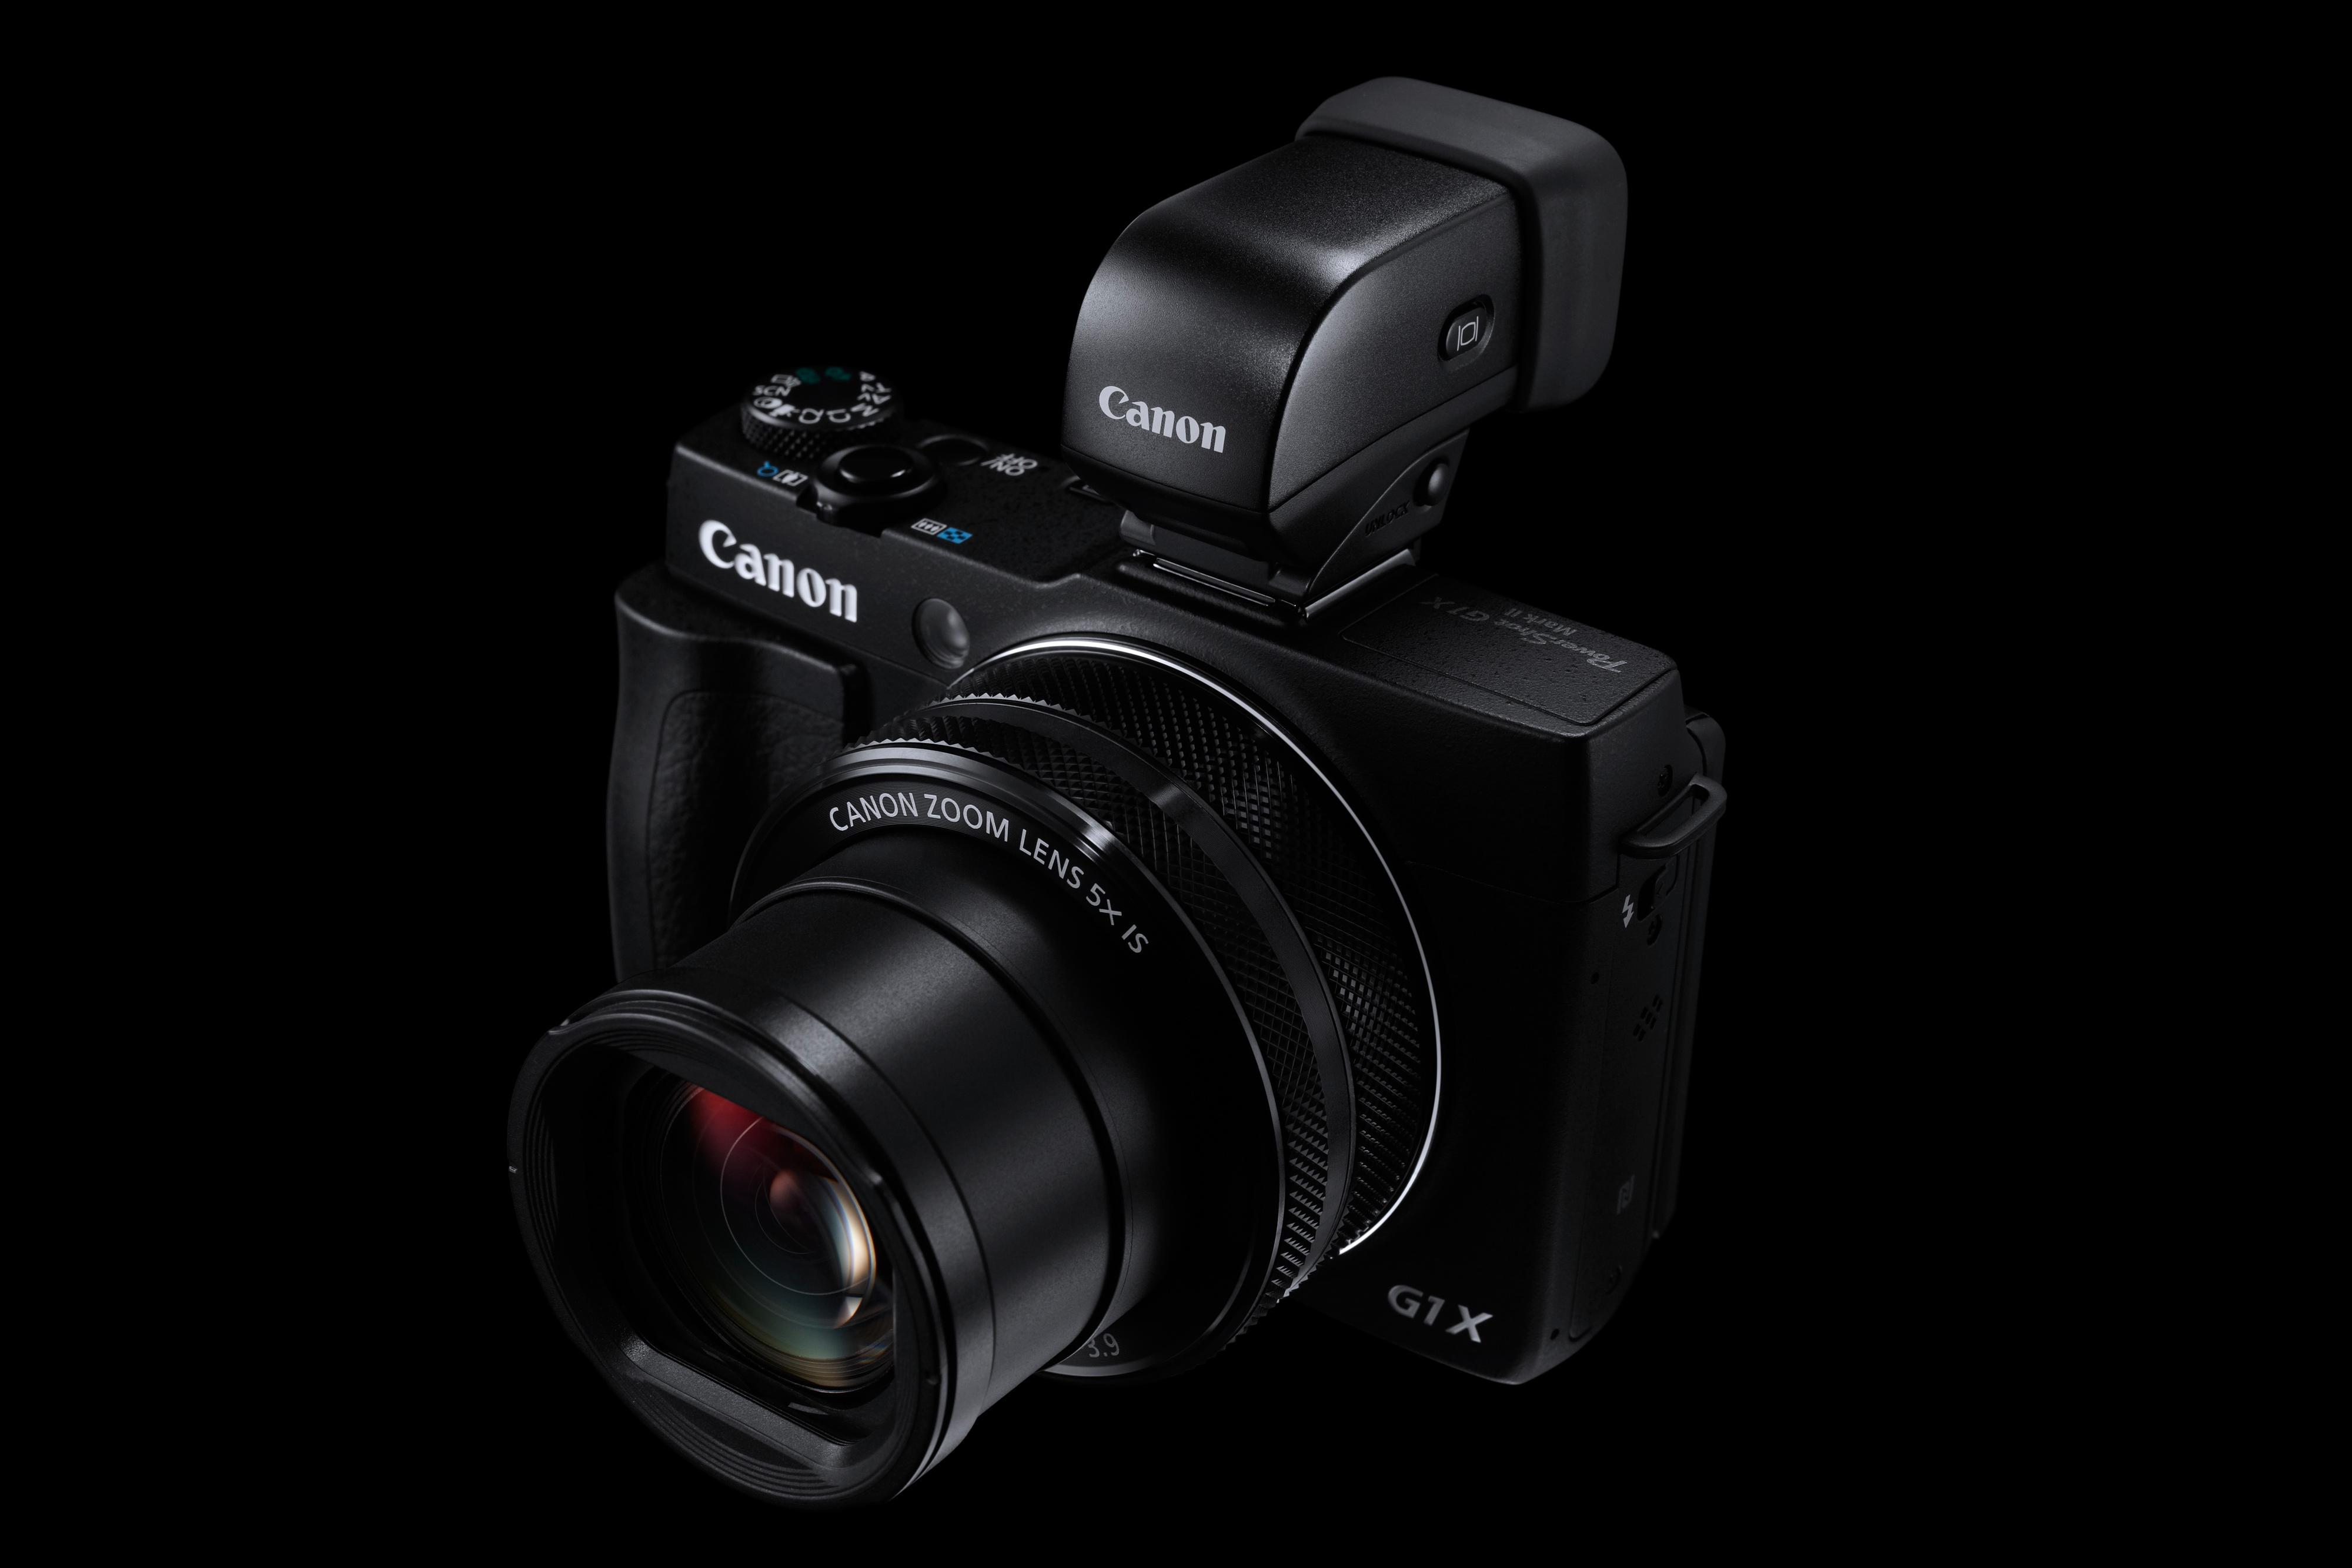 Canon Powershot G1 X Mark II med den elektroniske søkeren.Foto: Canon